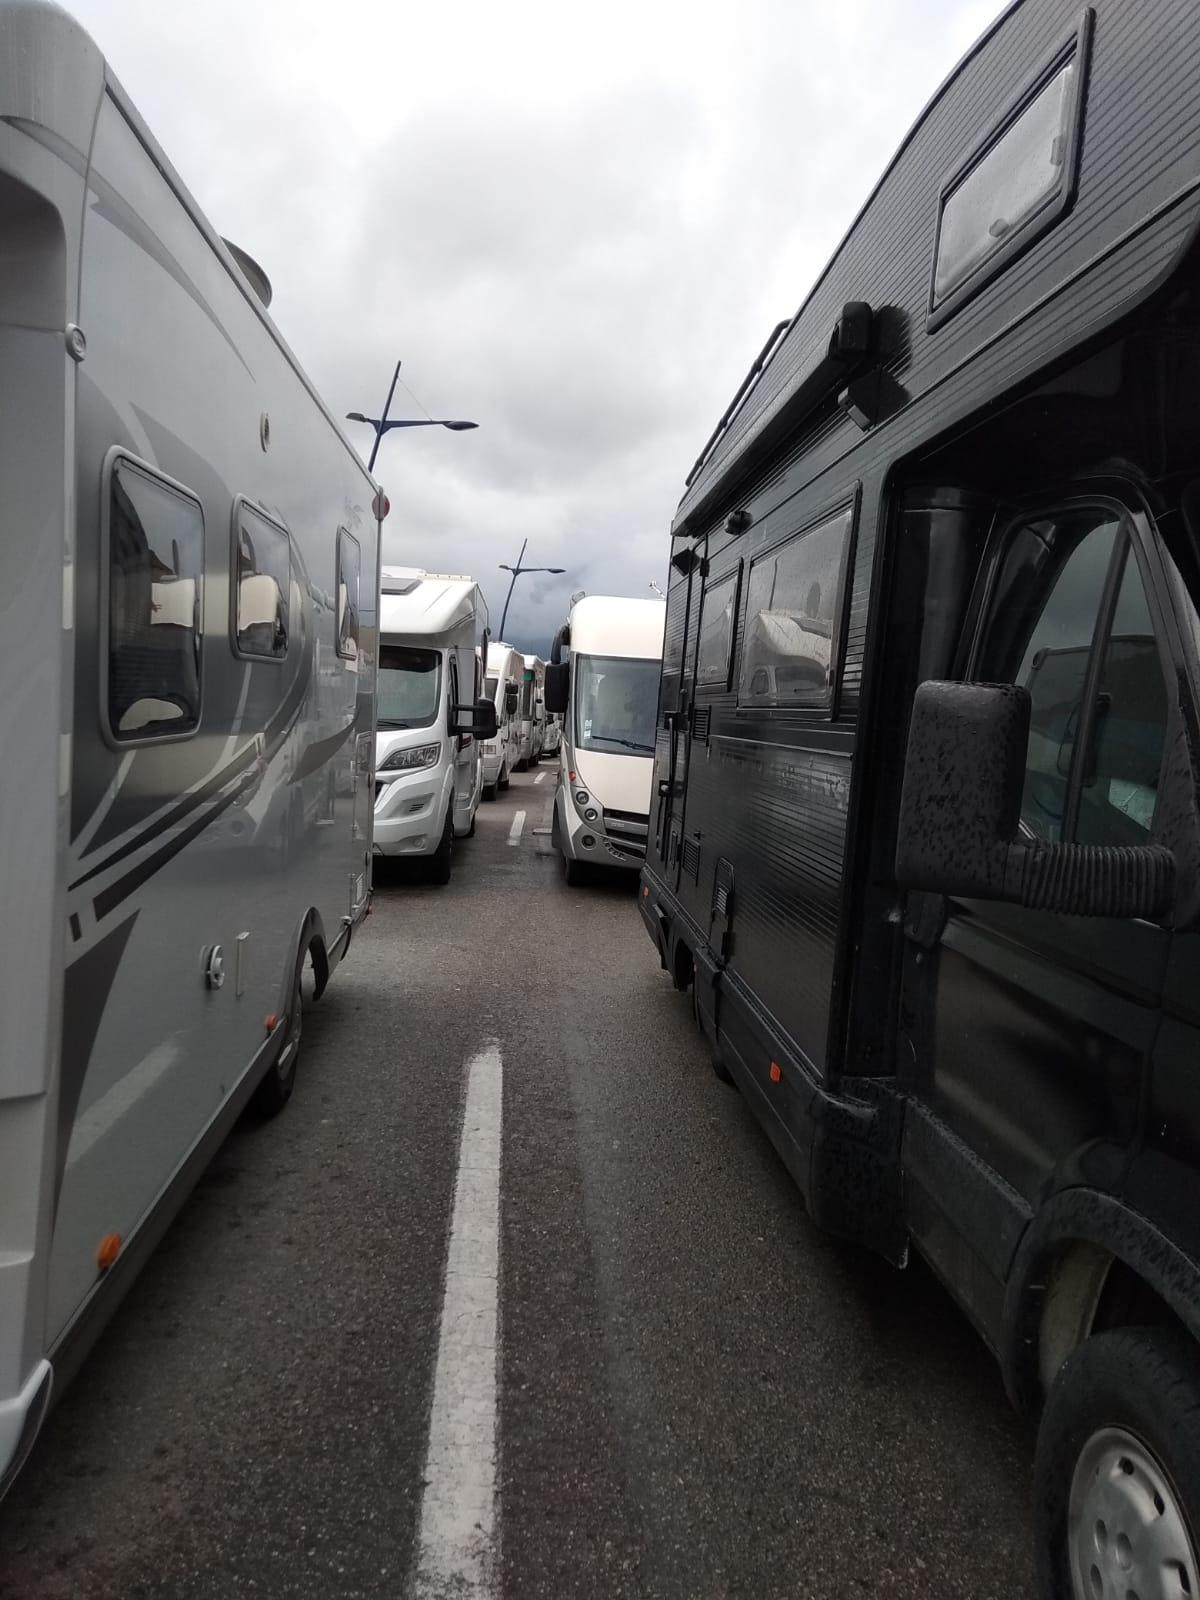 Voyage Au Maroc En Camping Car : voyage, maroc, camping, Covid-19., Témoignage, Retraités, Saint-Malo, Bloqués, Maroc, Camping-car, Milieu, Autres, Véhicules, Malouin